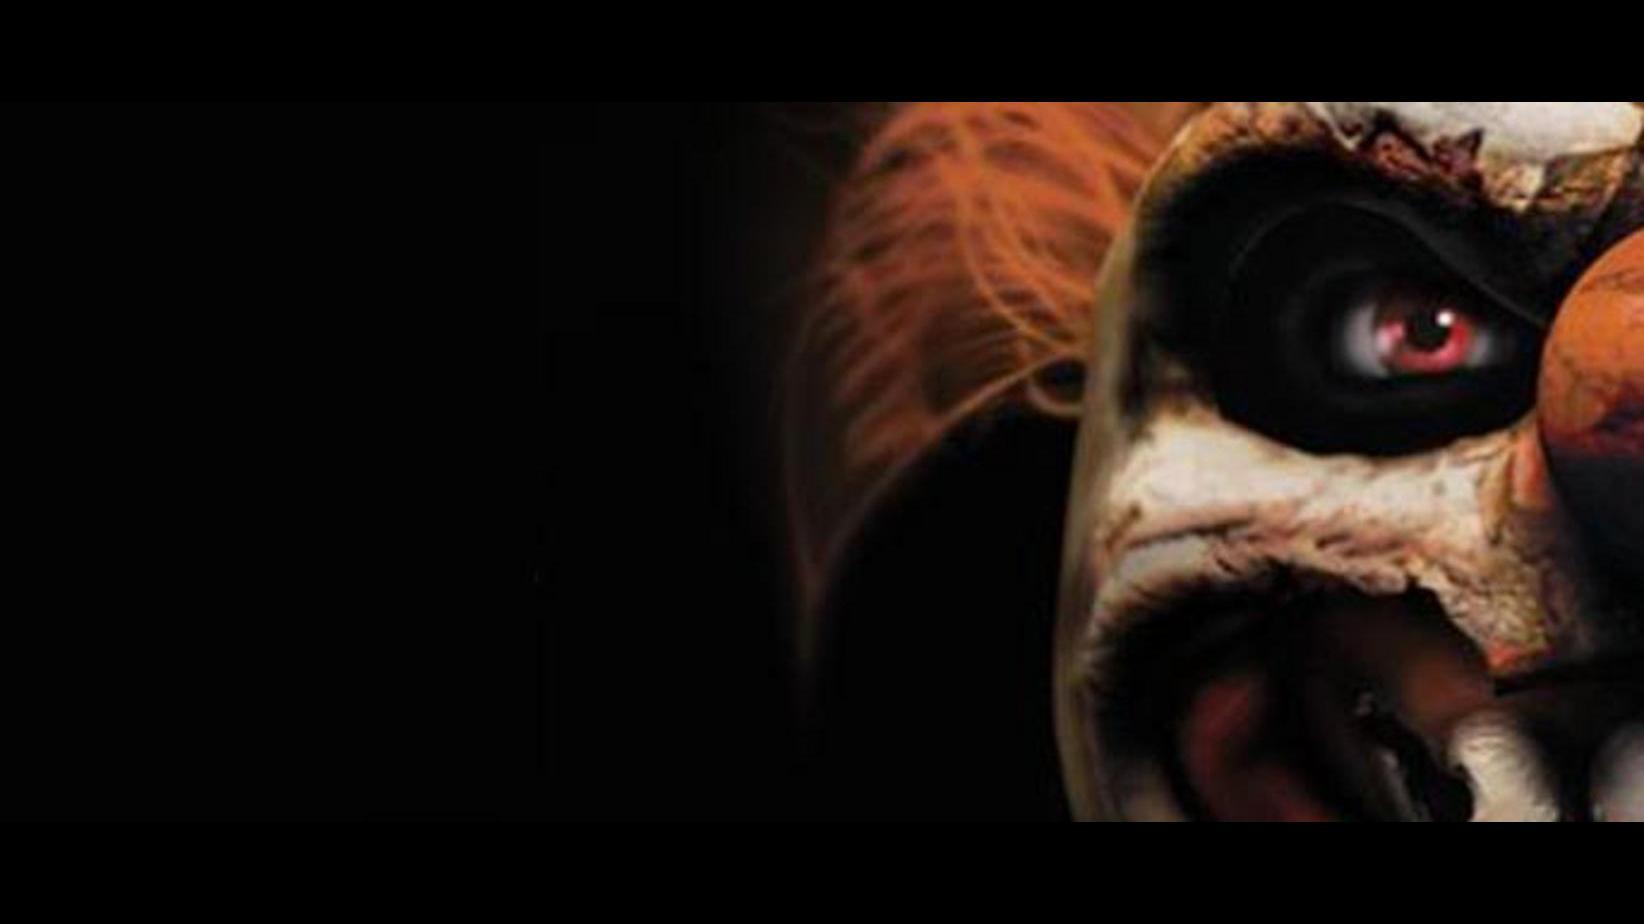 Thumbnail for version as of 15:52, September 14, 2012